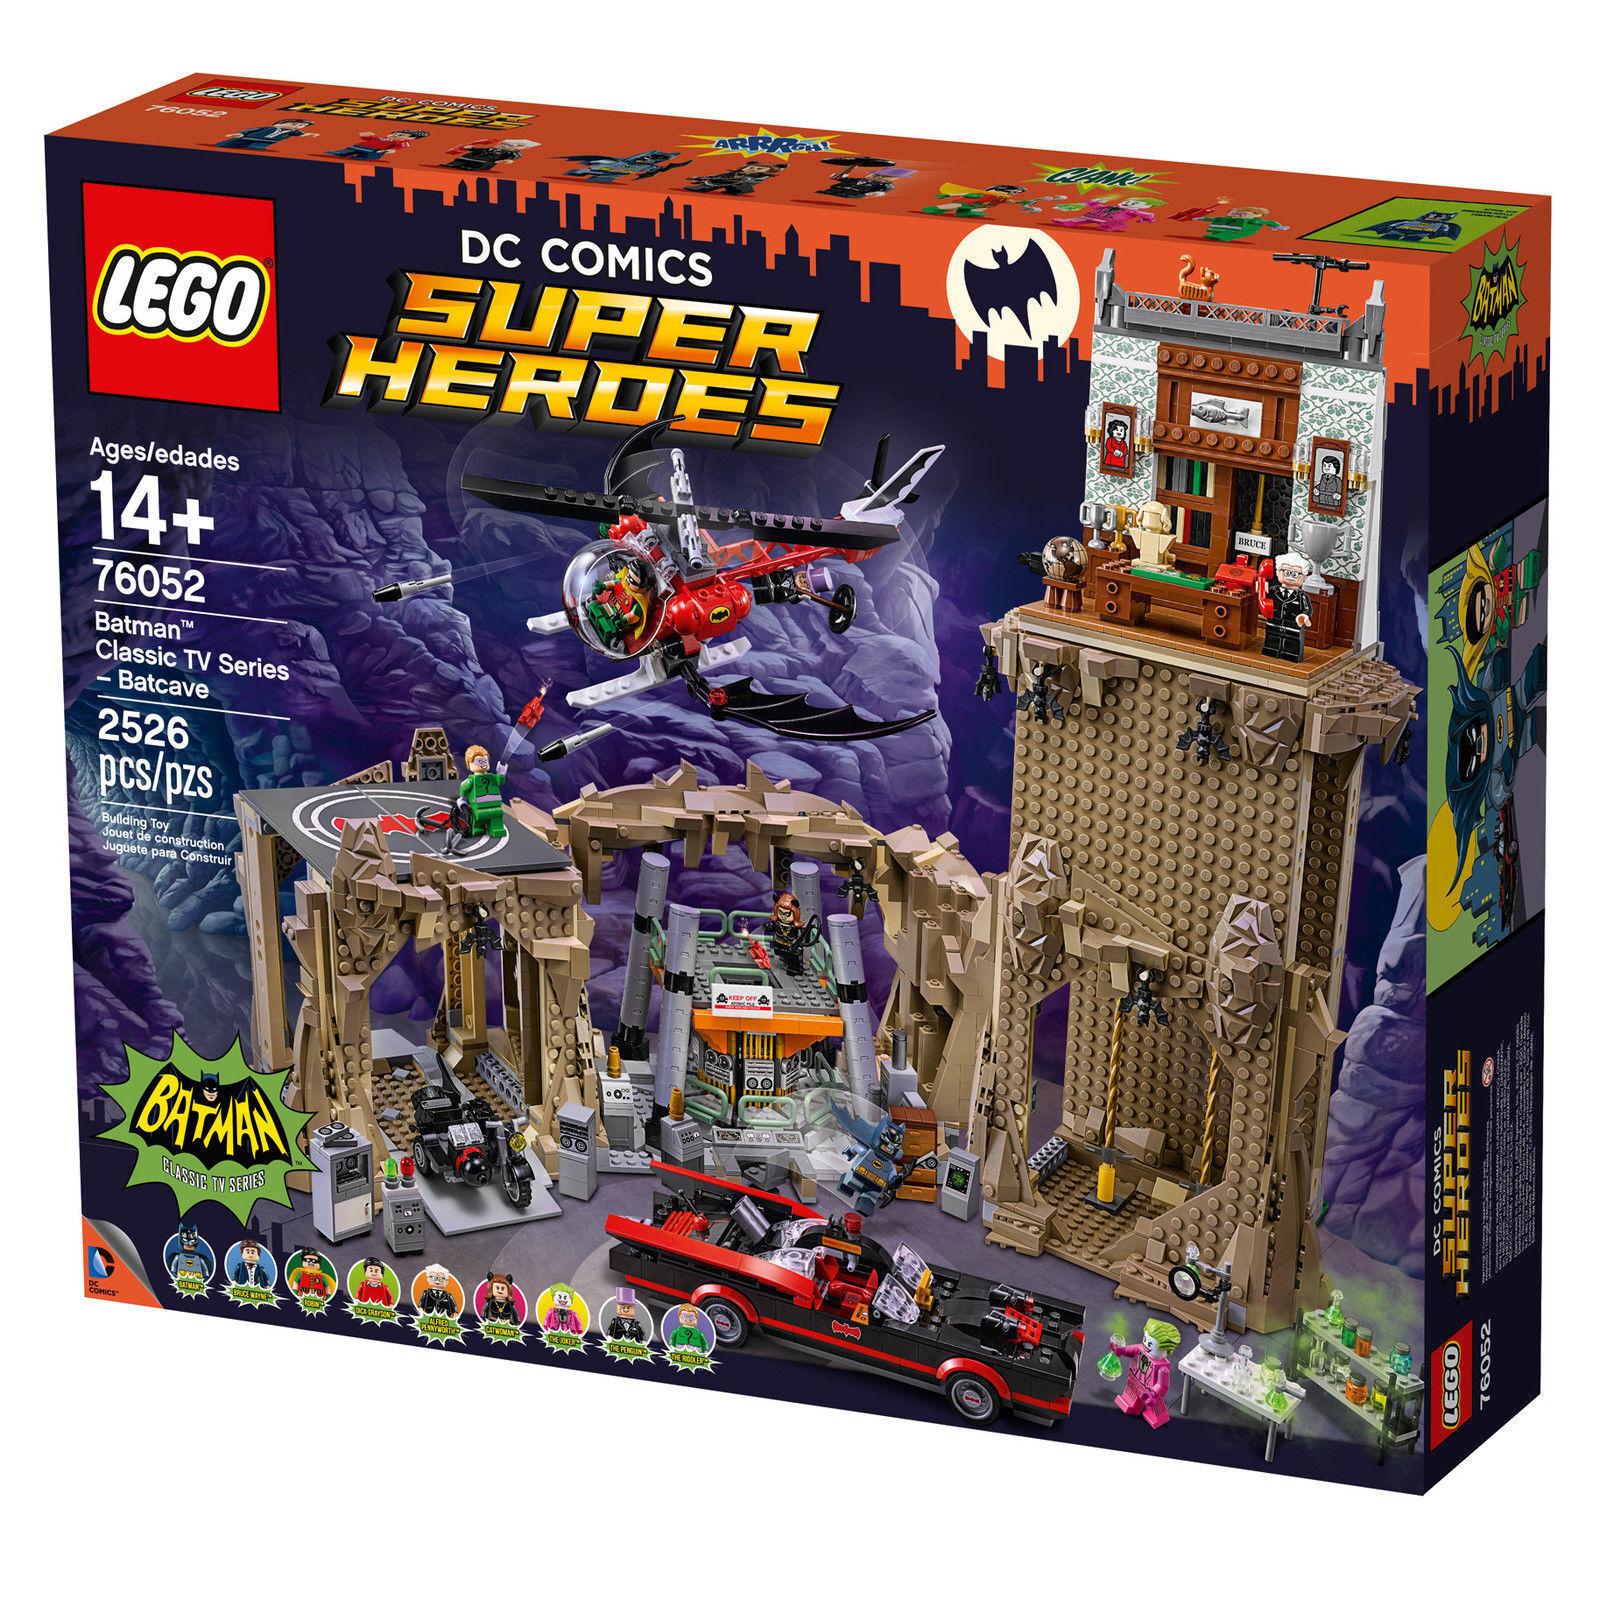 LEGO DC Universe  Super Heroes Bathomme (2011)  en solde 70% de réduction